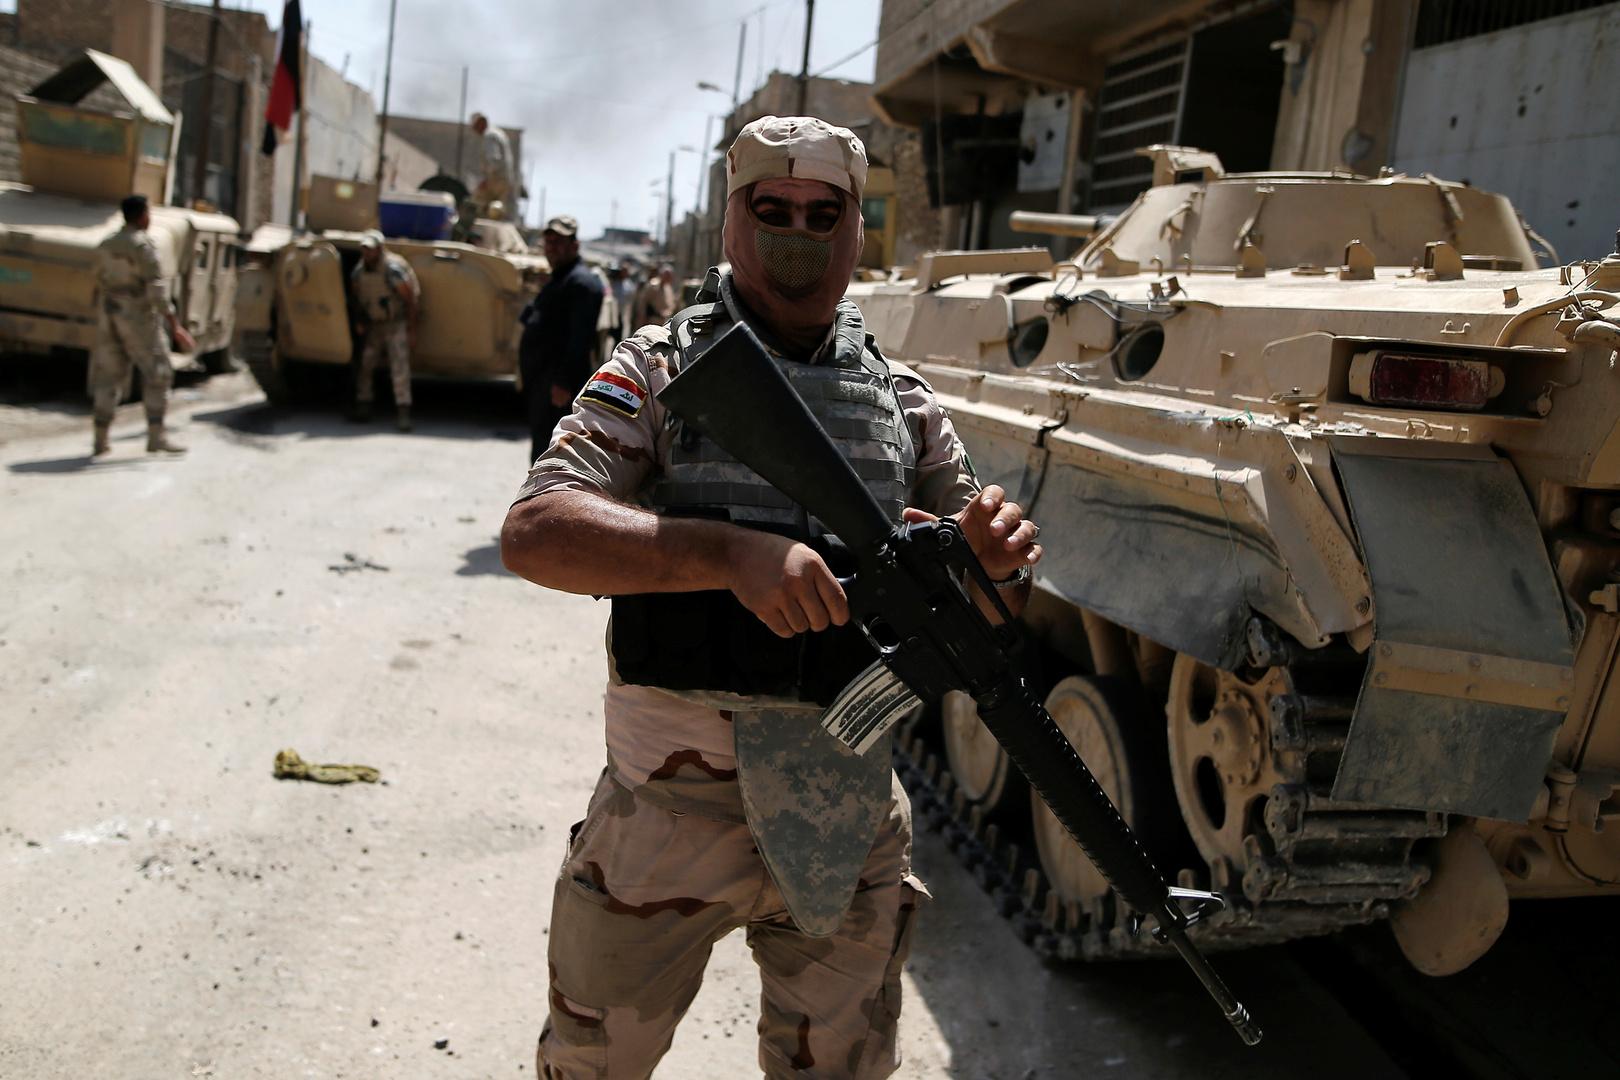 اشتباكات بين الجيش العراقي وتنظيم